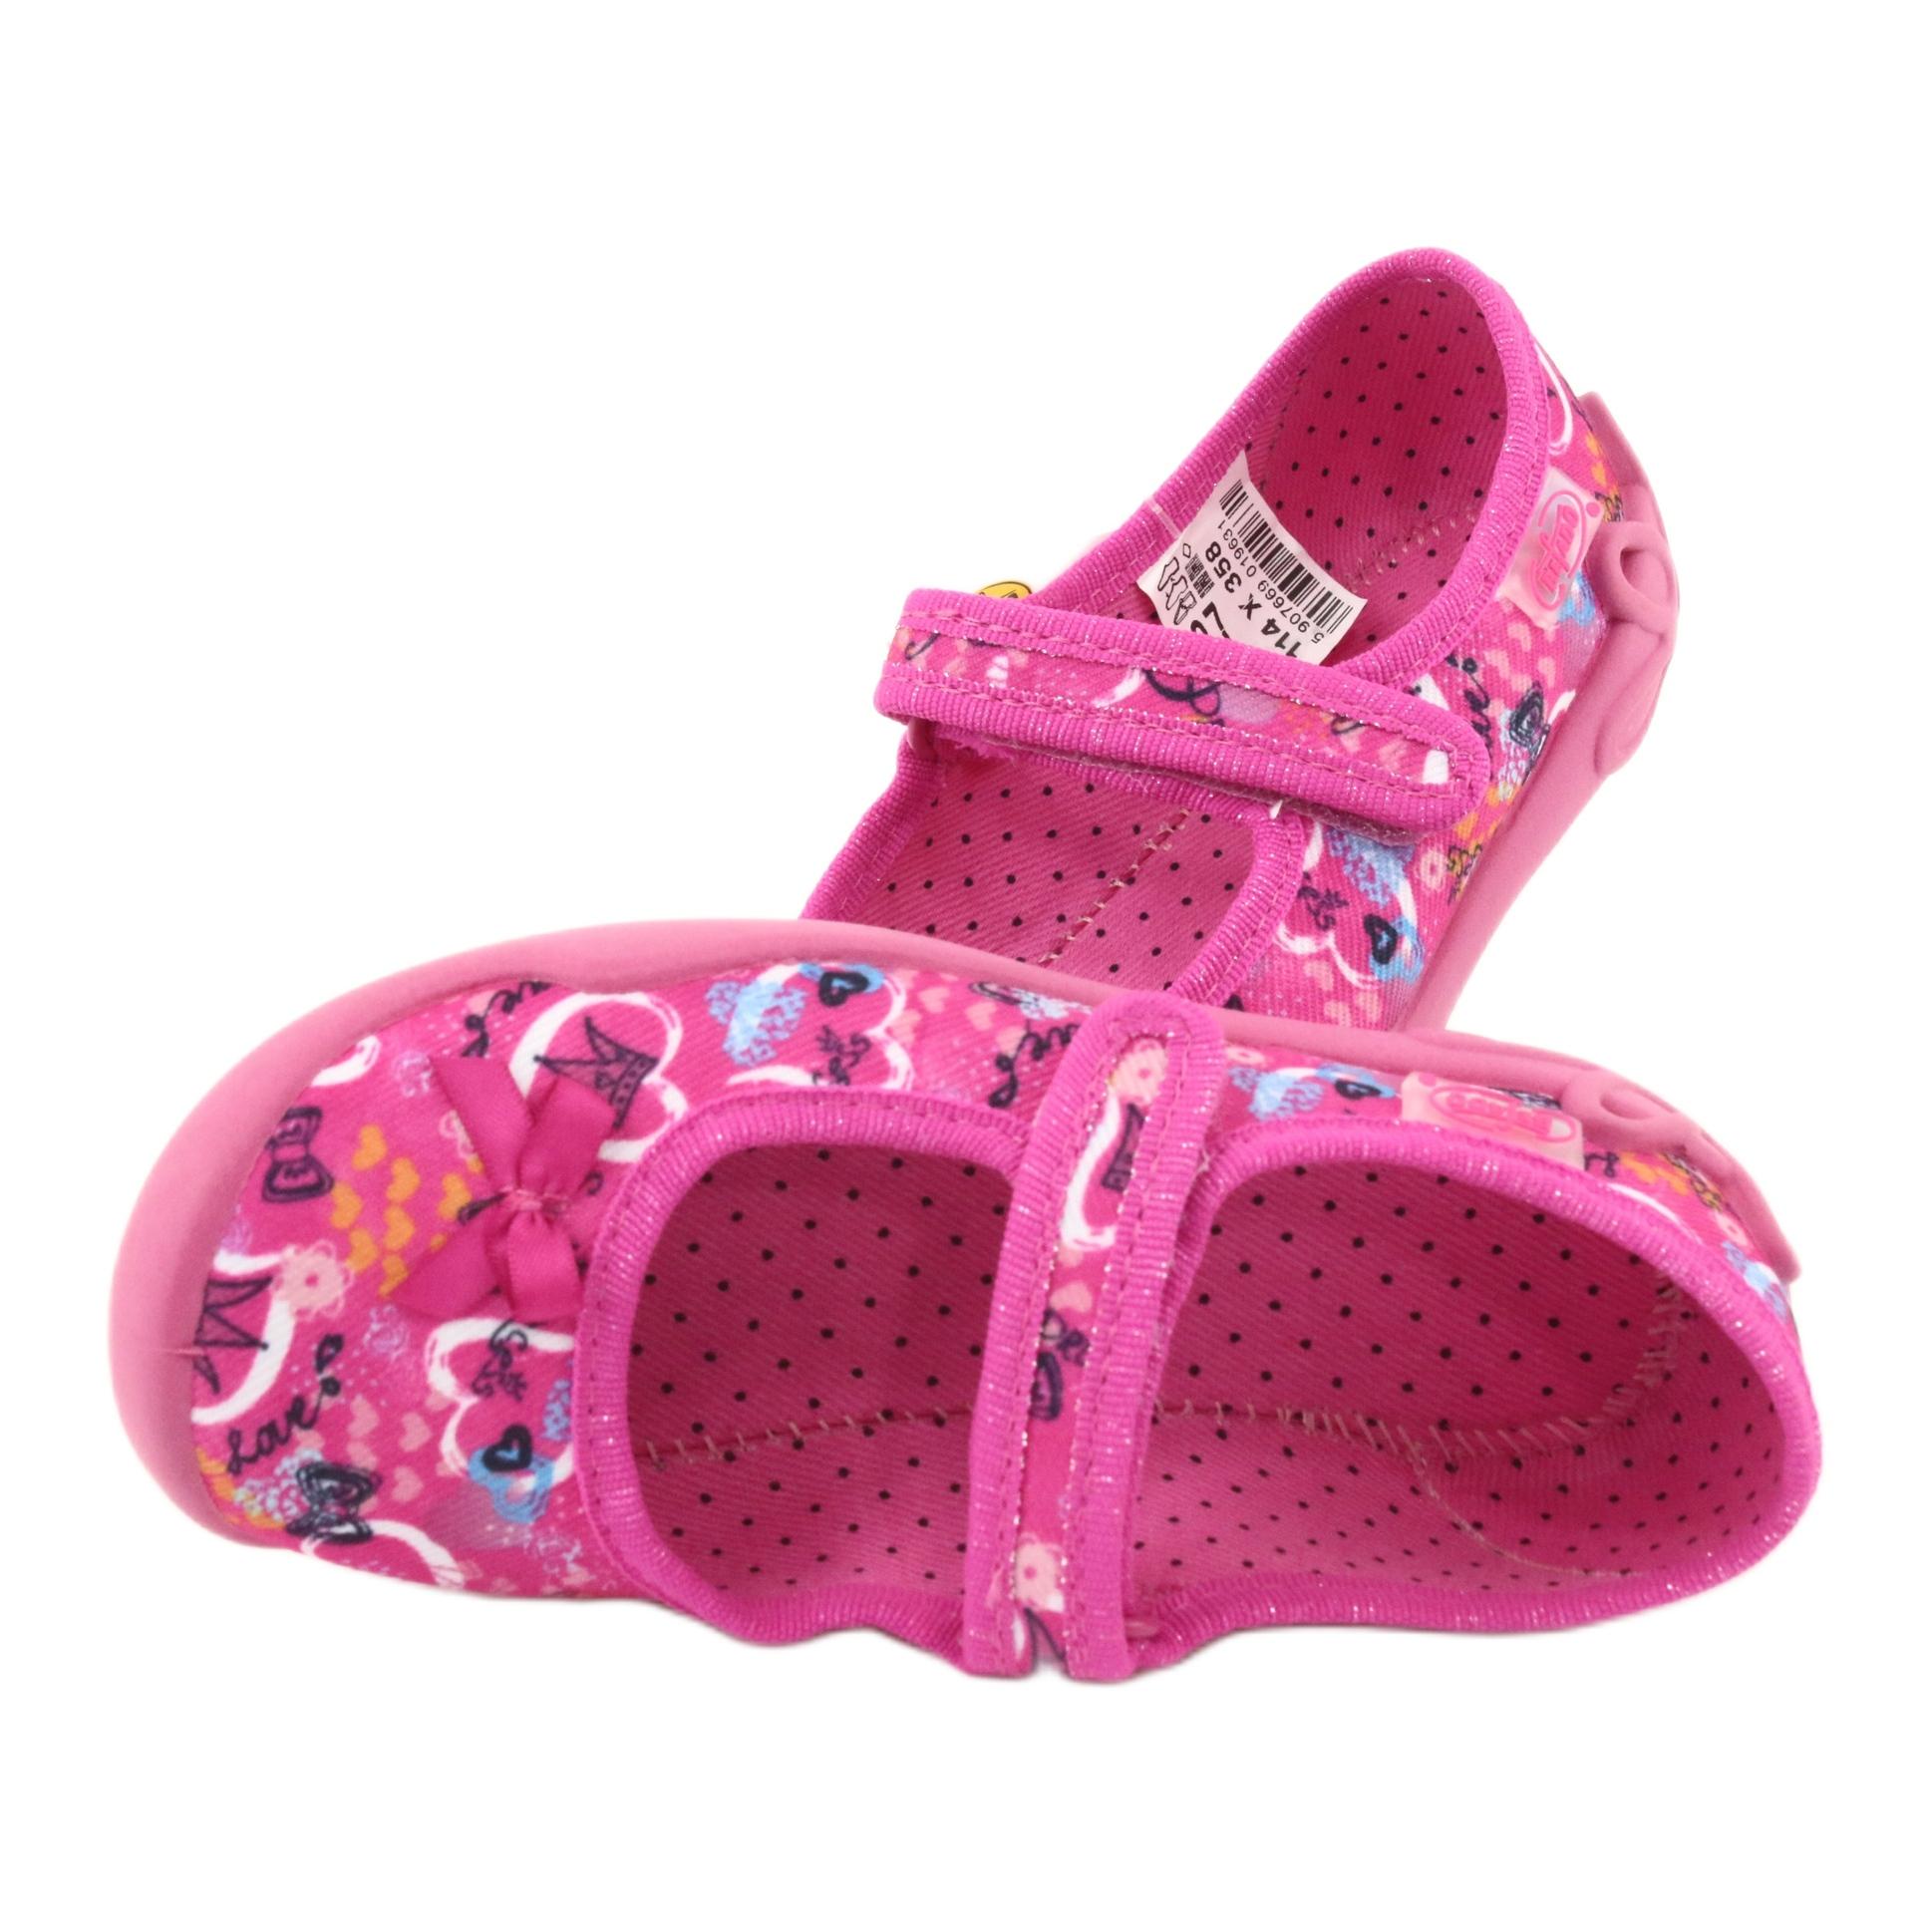 miniatura 6 - Scarpe per bambini Befado 114X358 rosa multicolore